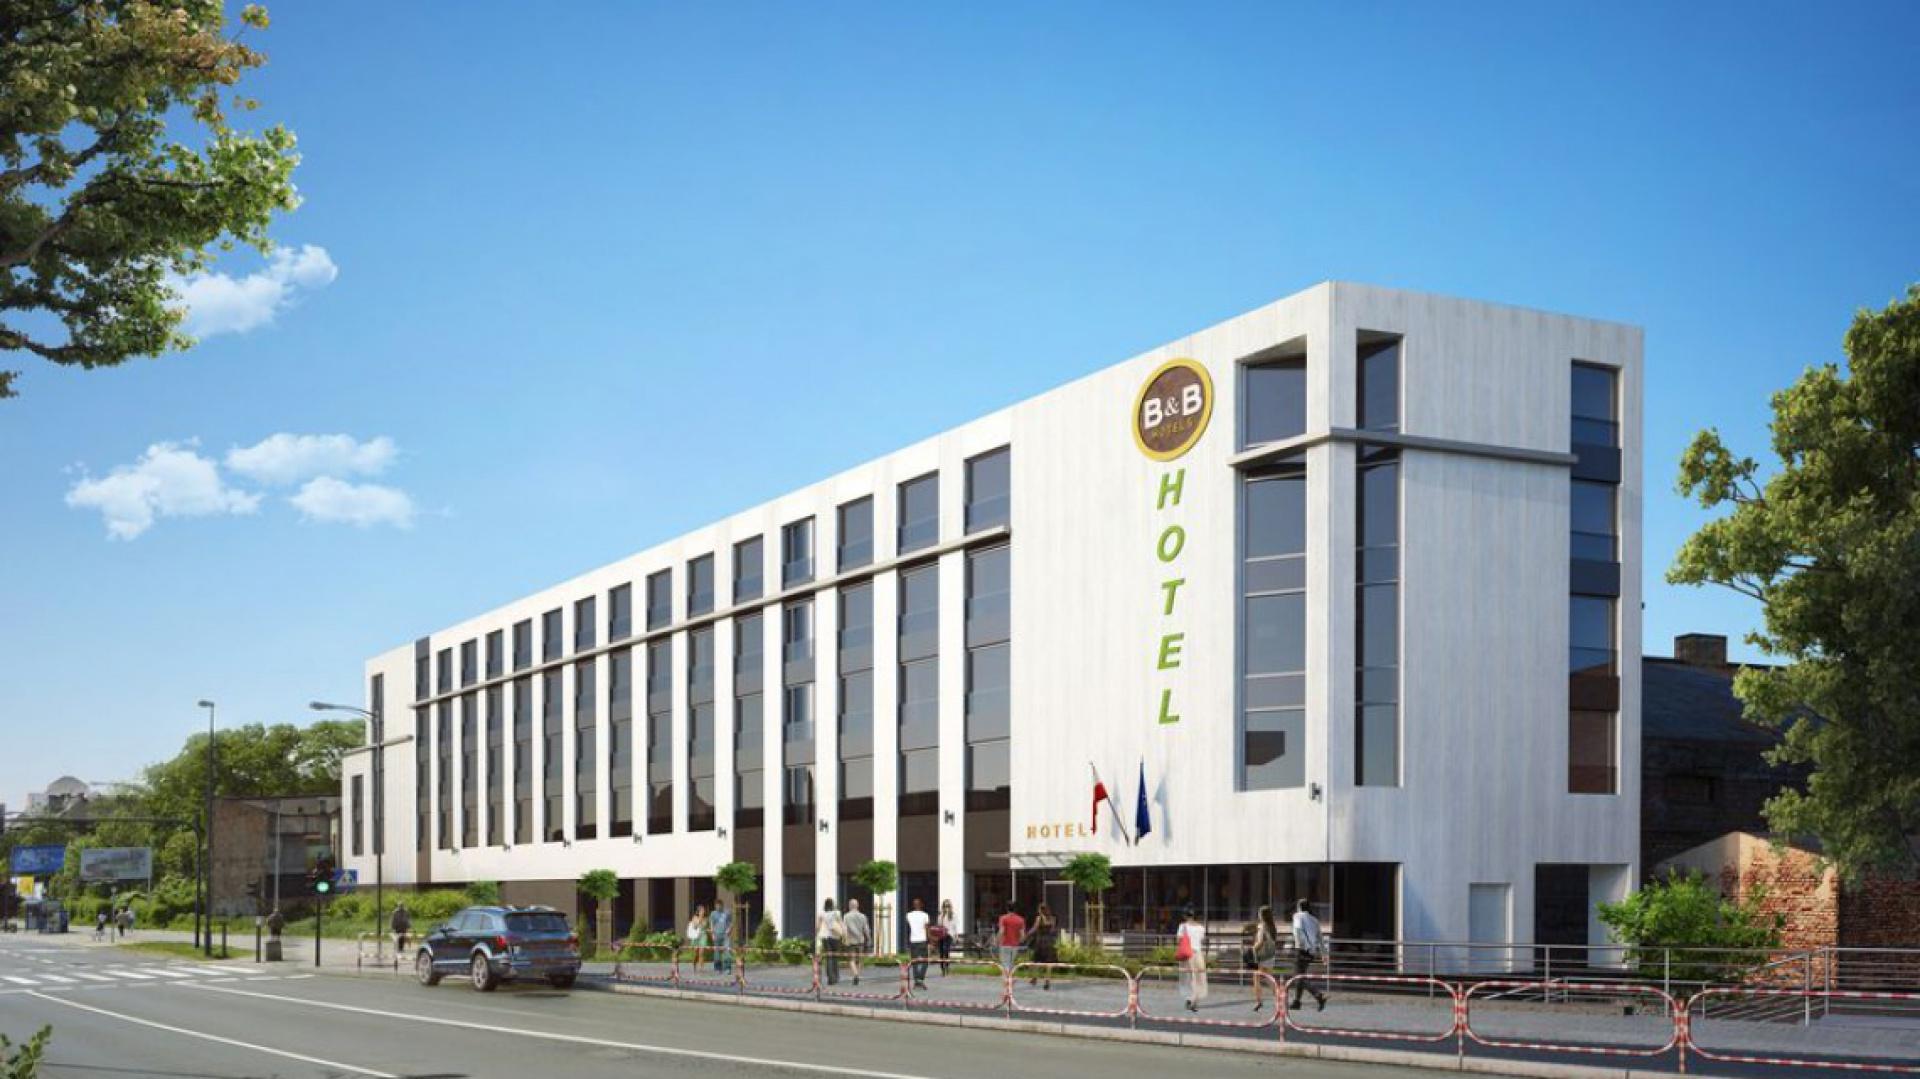 Hotel B&B w Krakowie, fot. materiały prasowe